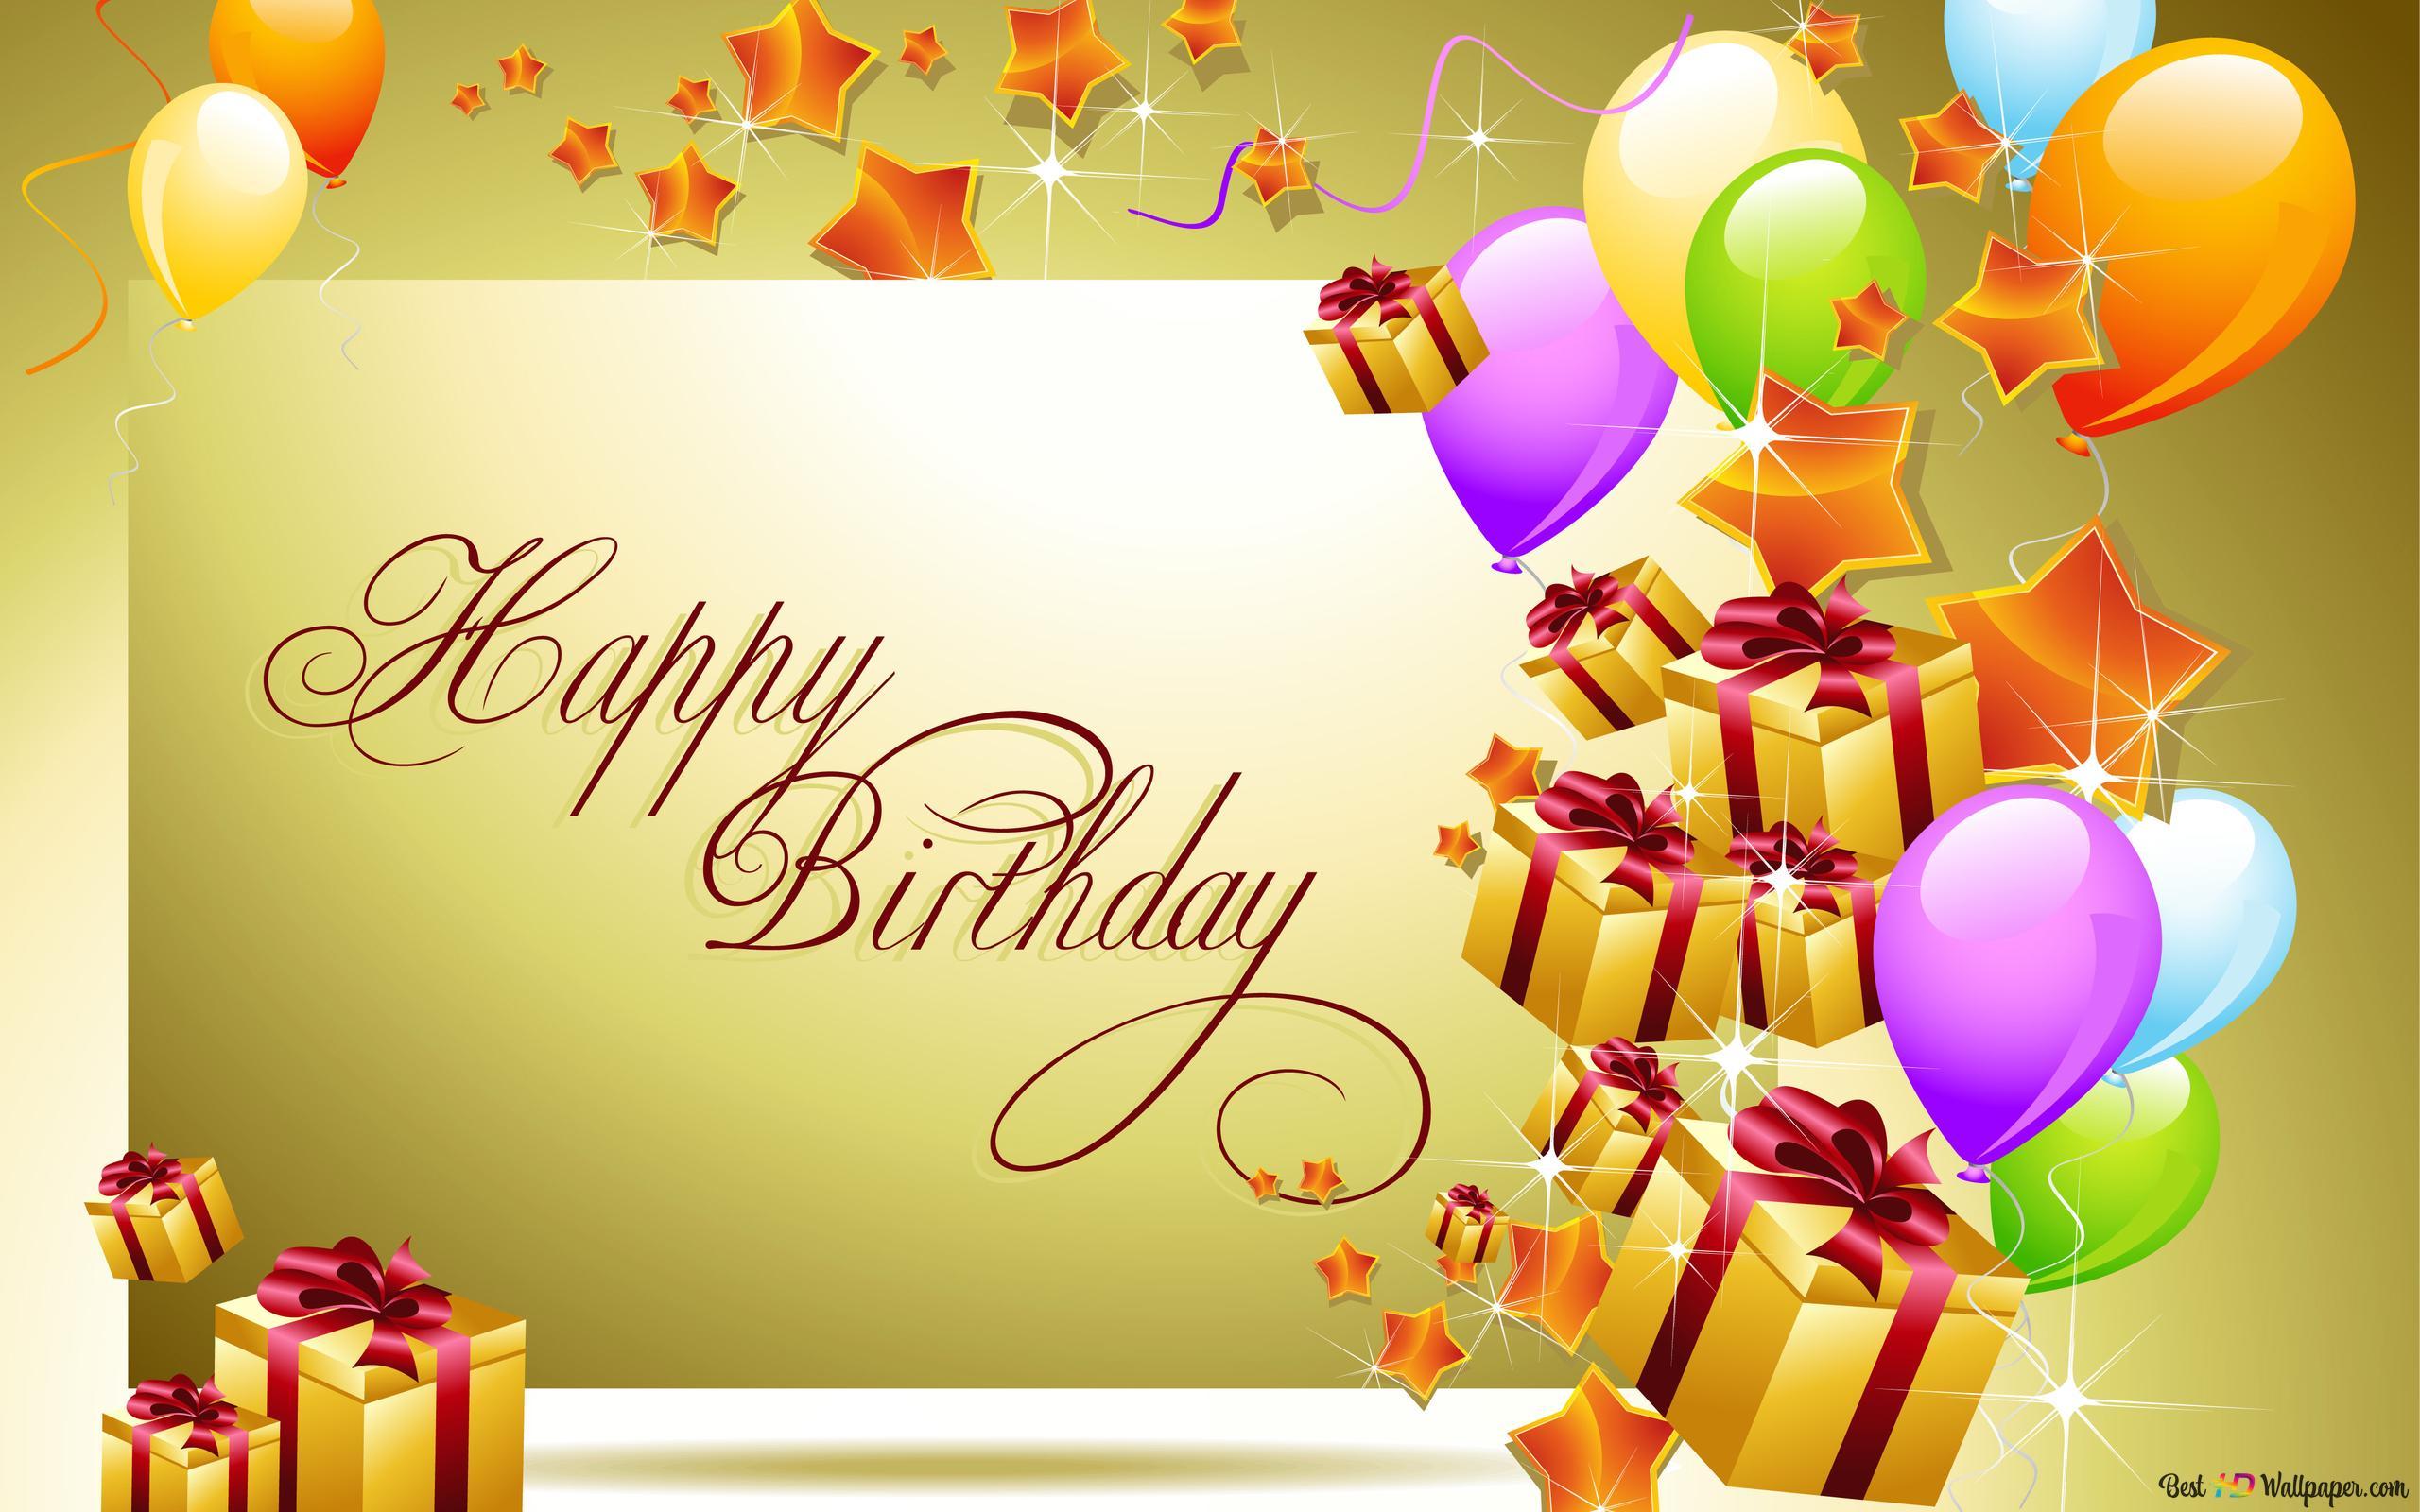 поздравить компанию с днем рождения картинки для